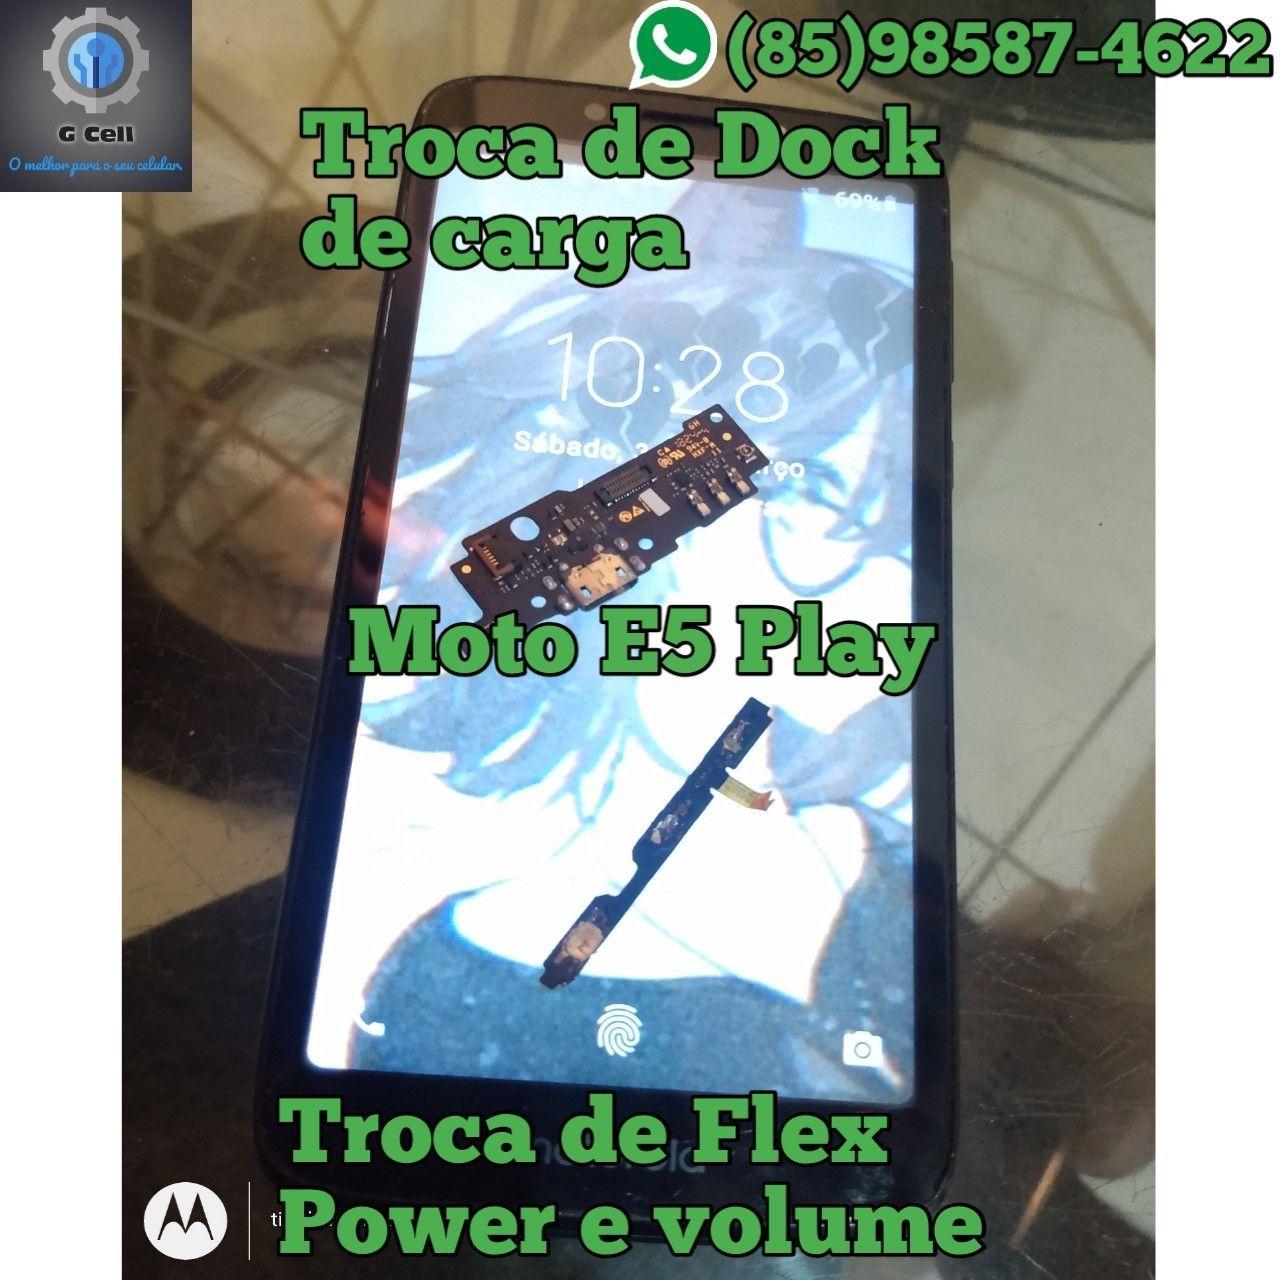 Troca de Dock de carga e flex Power Moto E5 Play